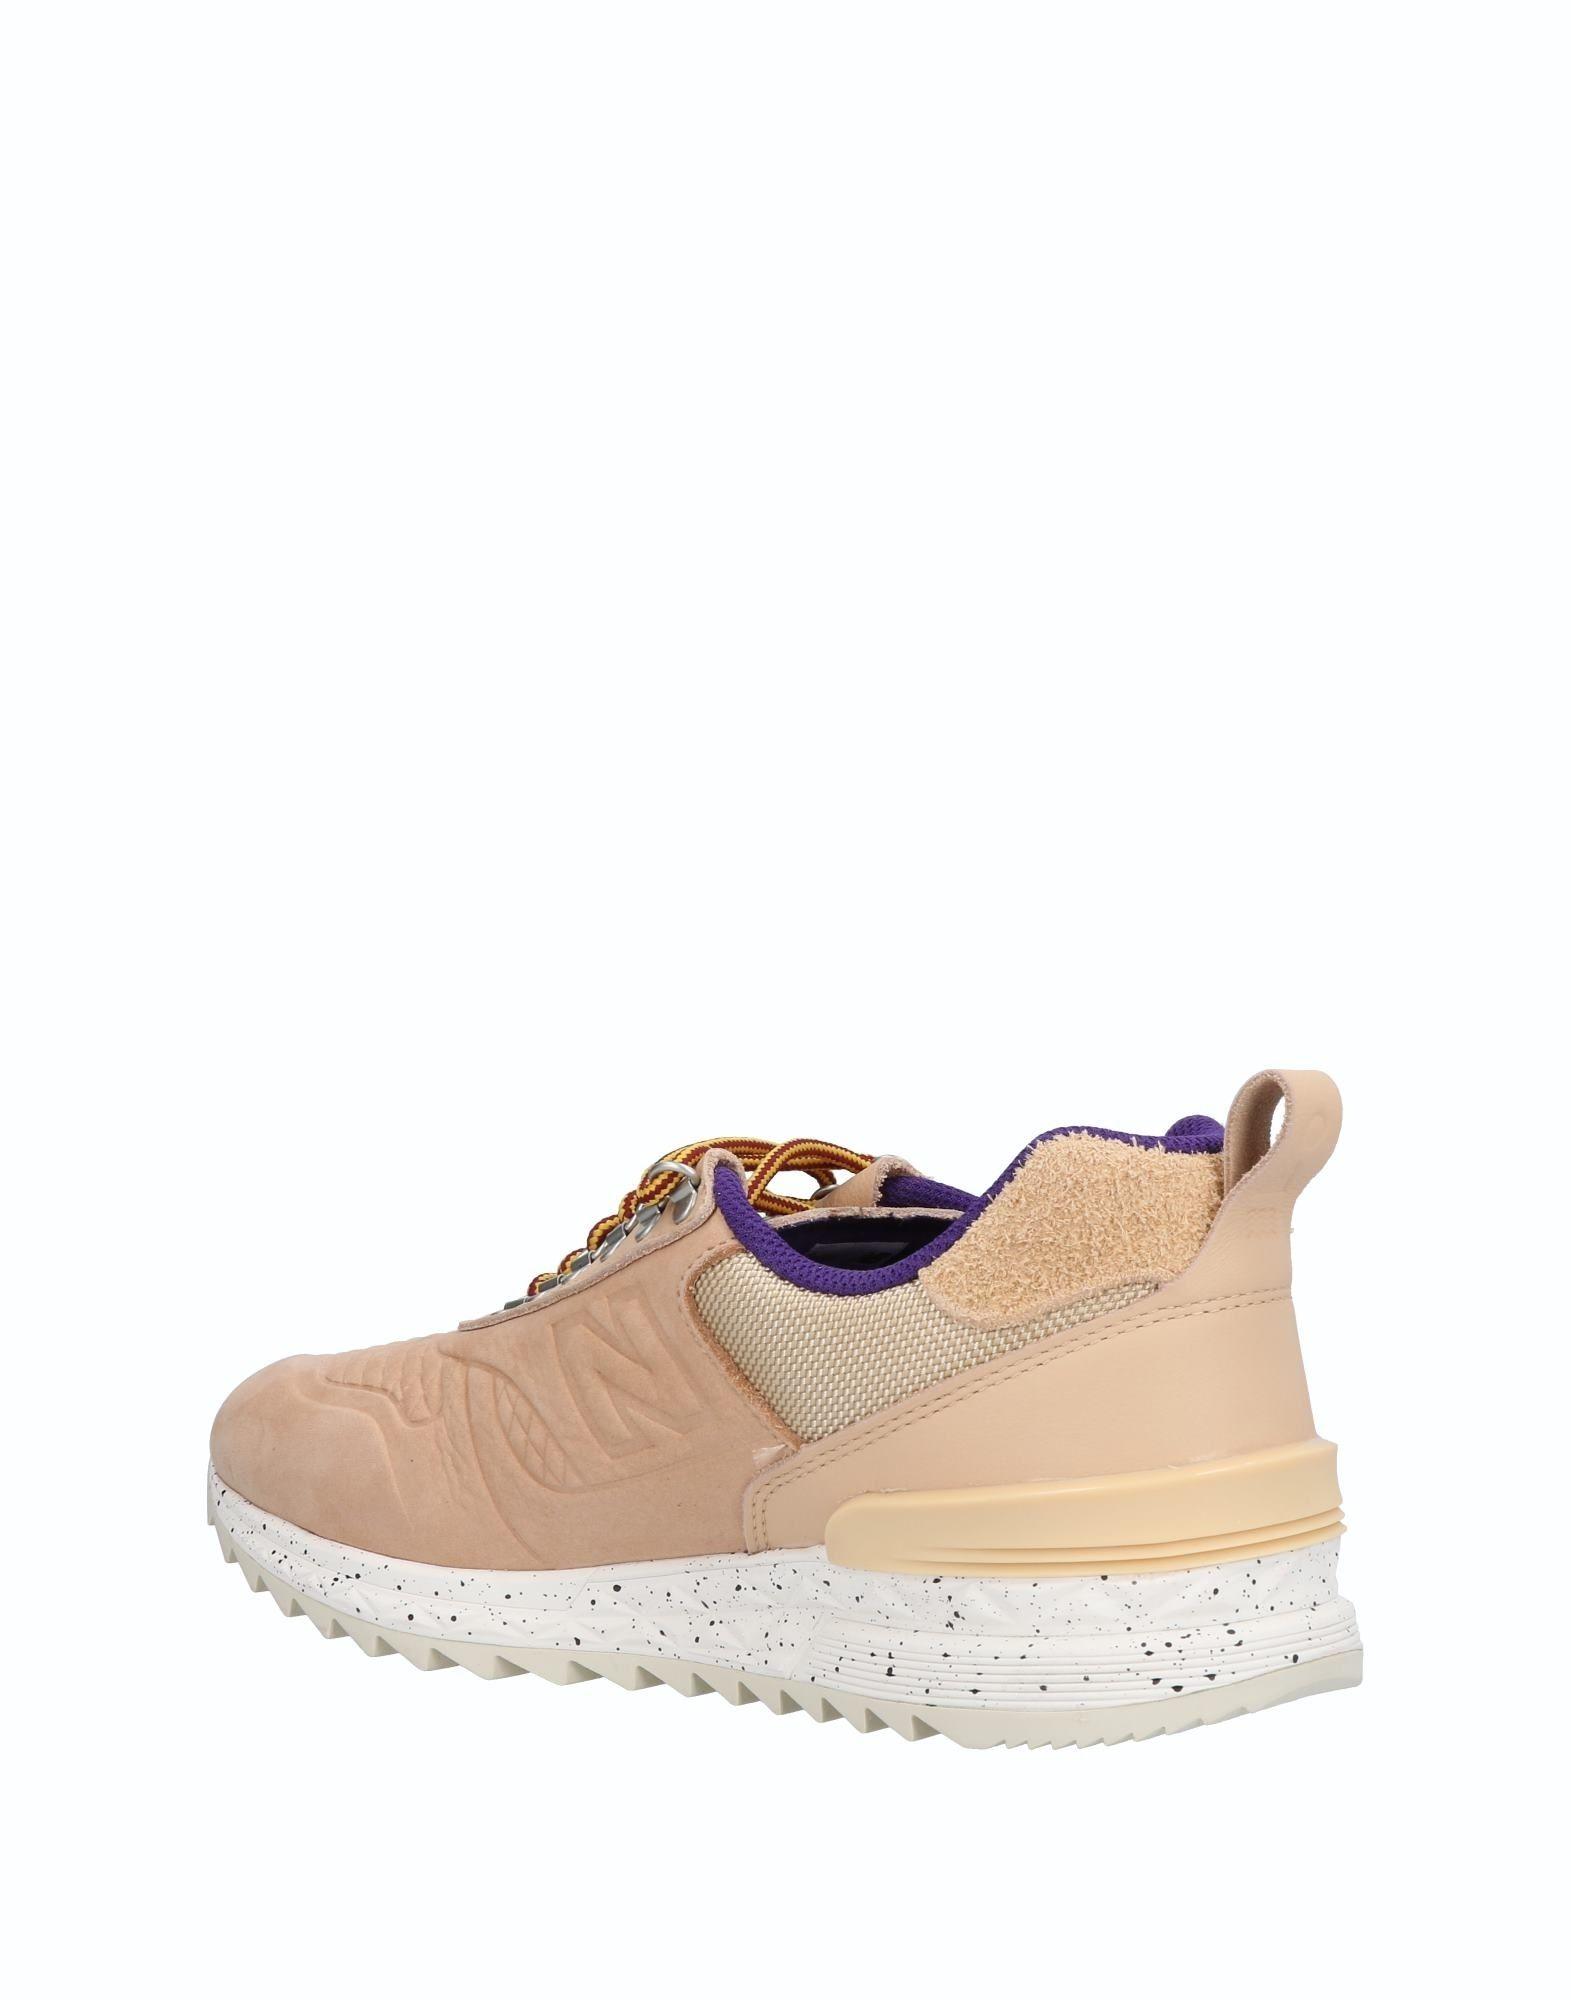 New 11465562OG Balance Sneakers Herren  11465562OG New Neue Schuhe 6a67da